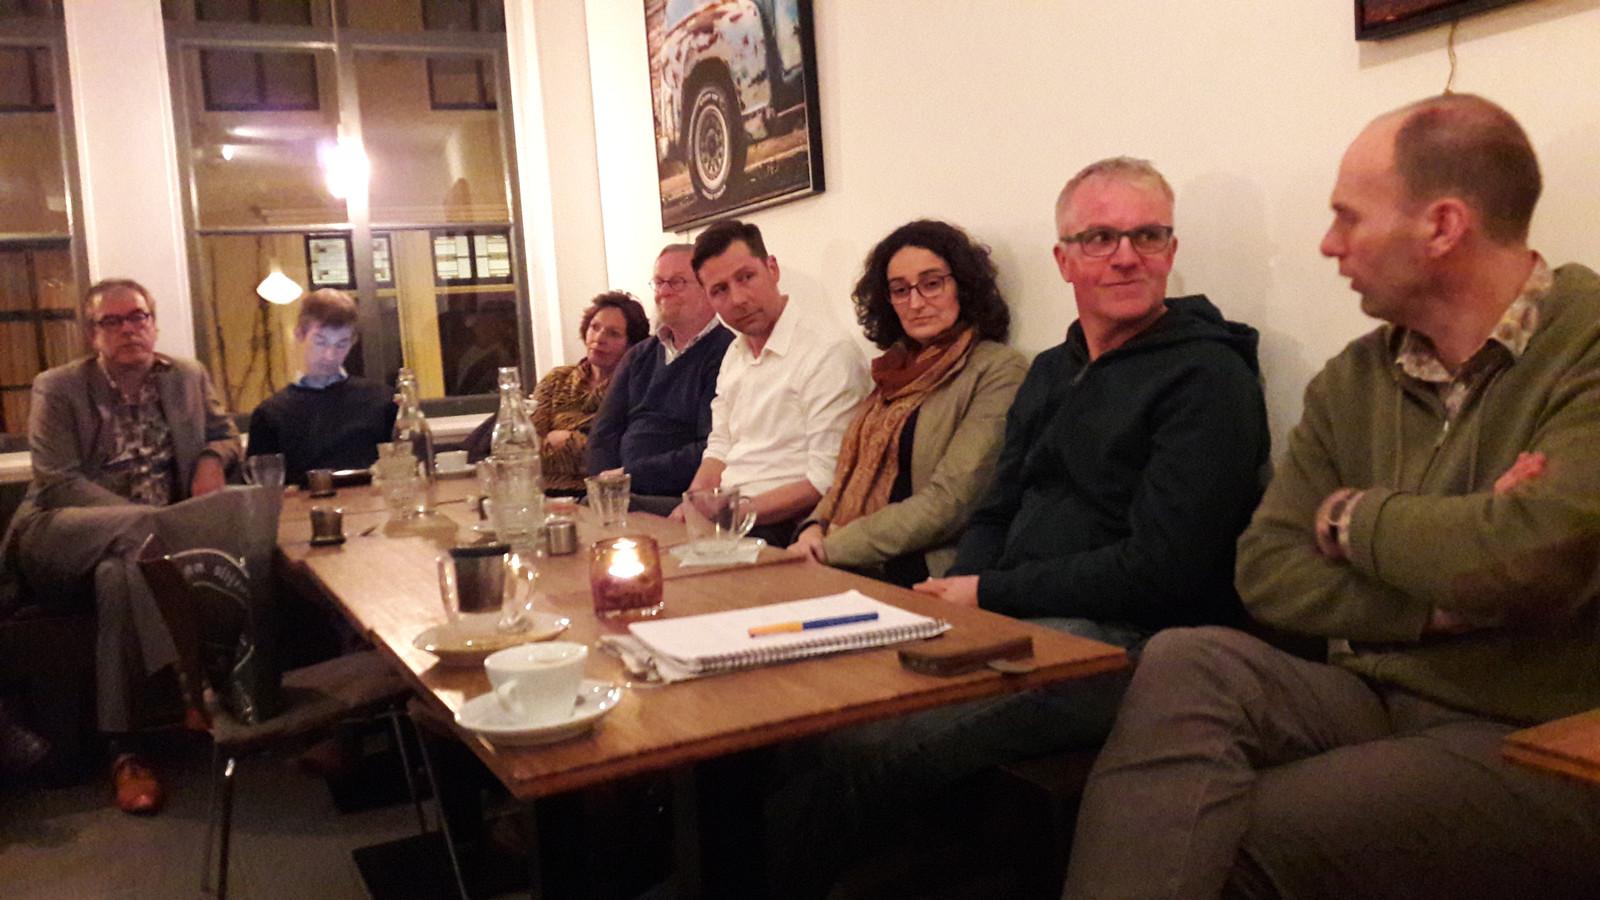 Bouwkundige en duurzaamheidsexpert Bernard Vercouteren (tweede van rechts), Marjan Brandes van Zeeuwind (derde van rechts) en Machiel de Vries van Woongoed Middelburg (vierde van rechts) spraken maandagavond op een politiek café van de PvdA over en gasloze toekomst van Middelburg.